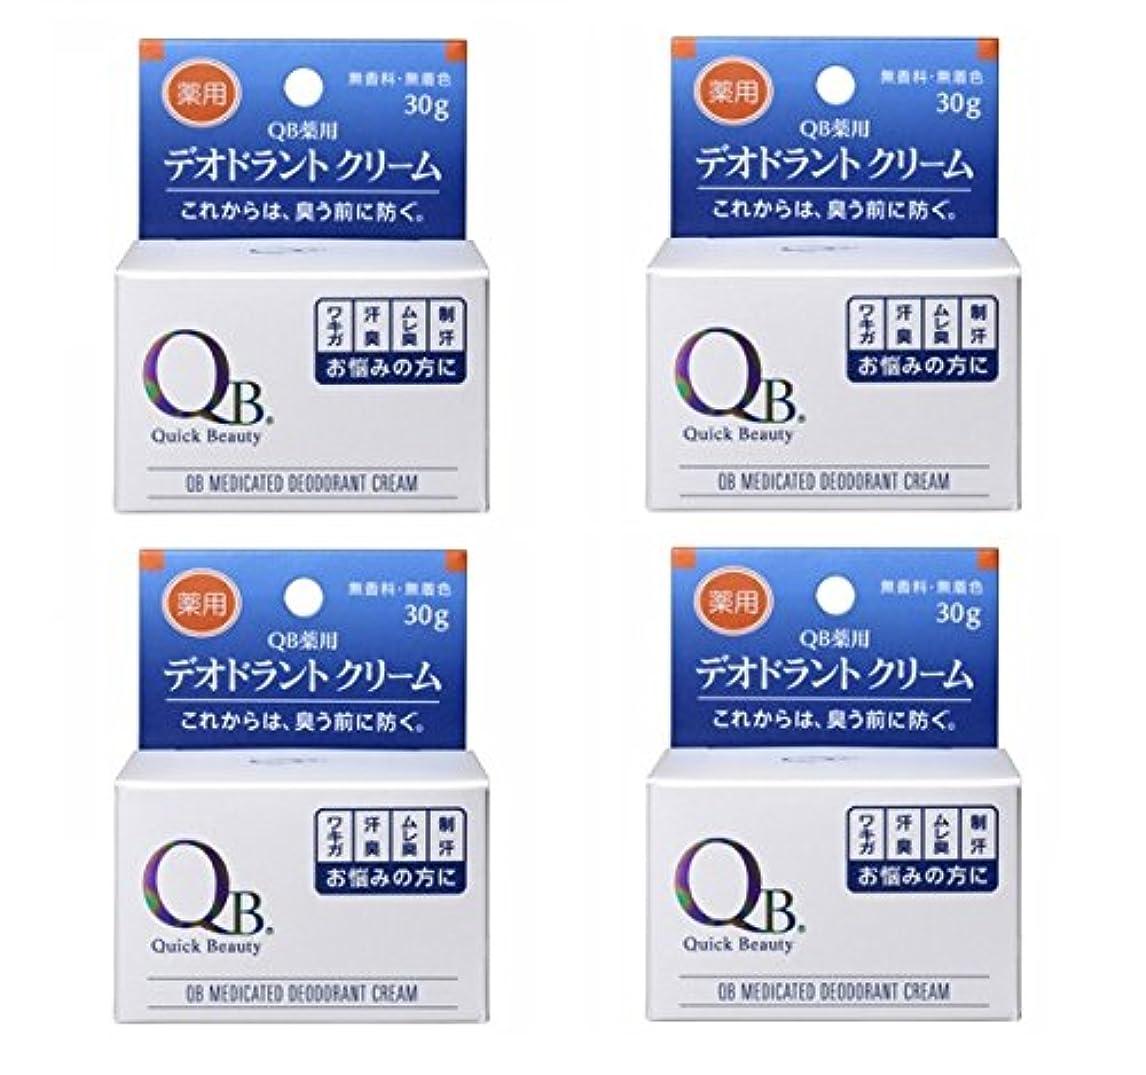 宣言偽装する規制する【×4個】 QB 薬用デオドラントクリーム 30g 【国内正規品】